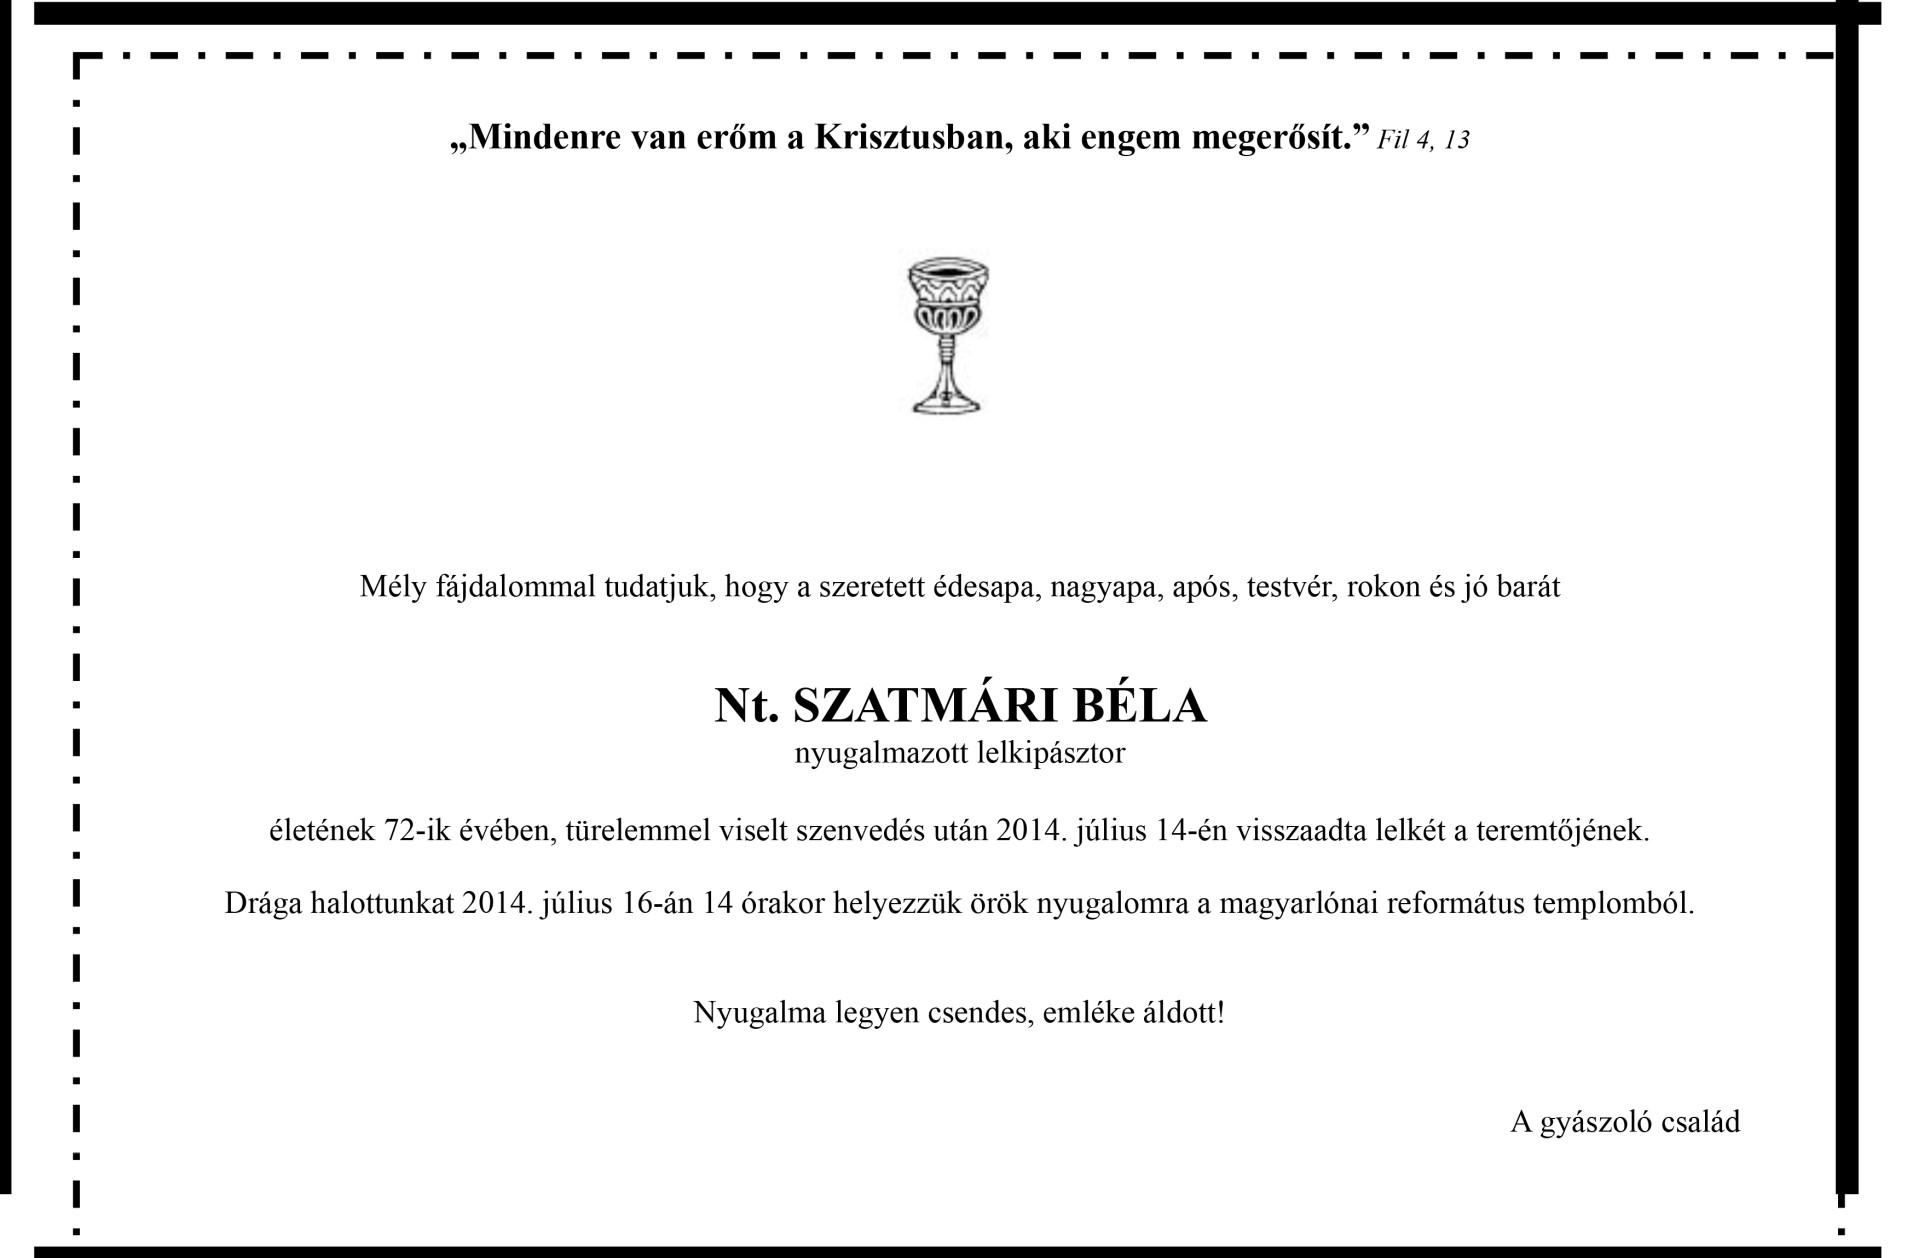 Gyászjelentés - Szatmári Béla